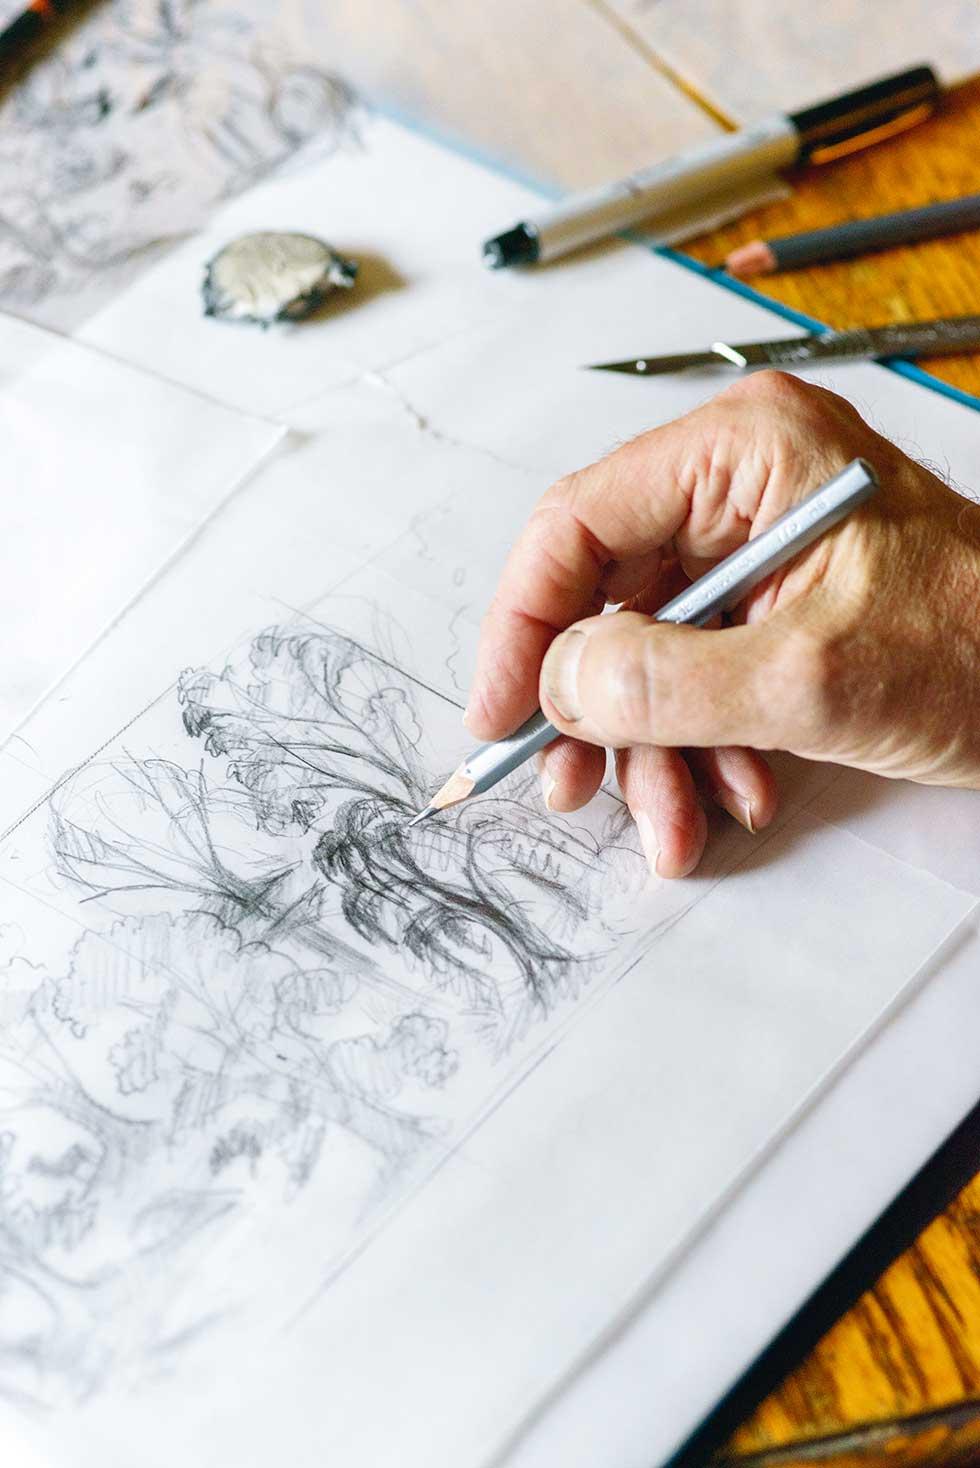 artisan-engravings-drawing-design